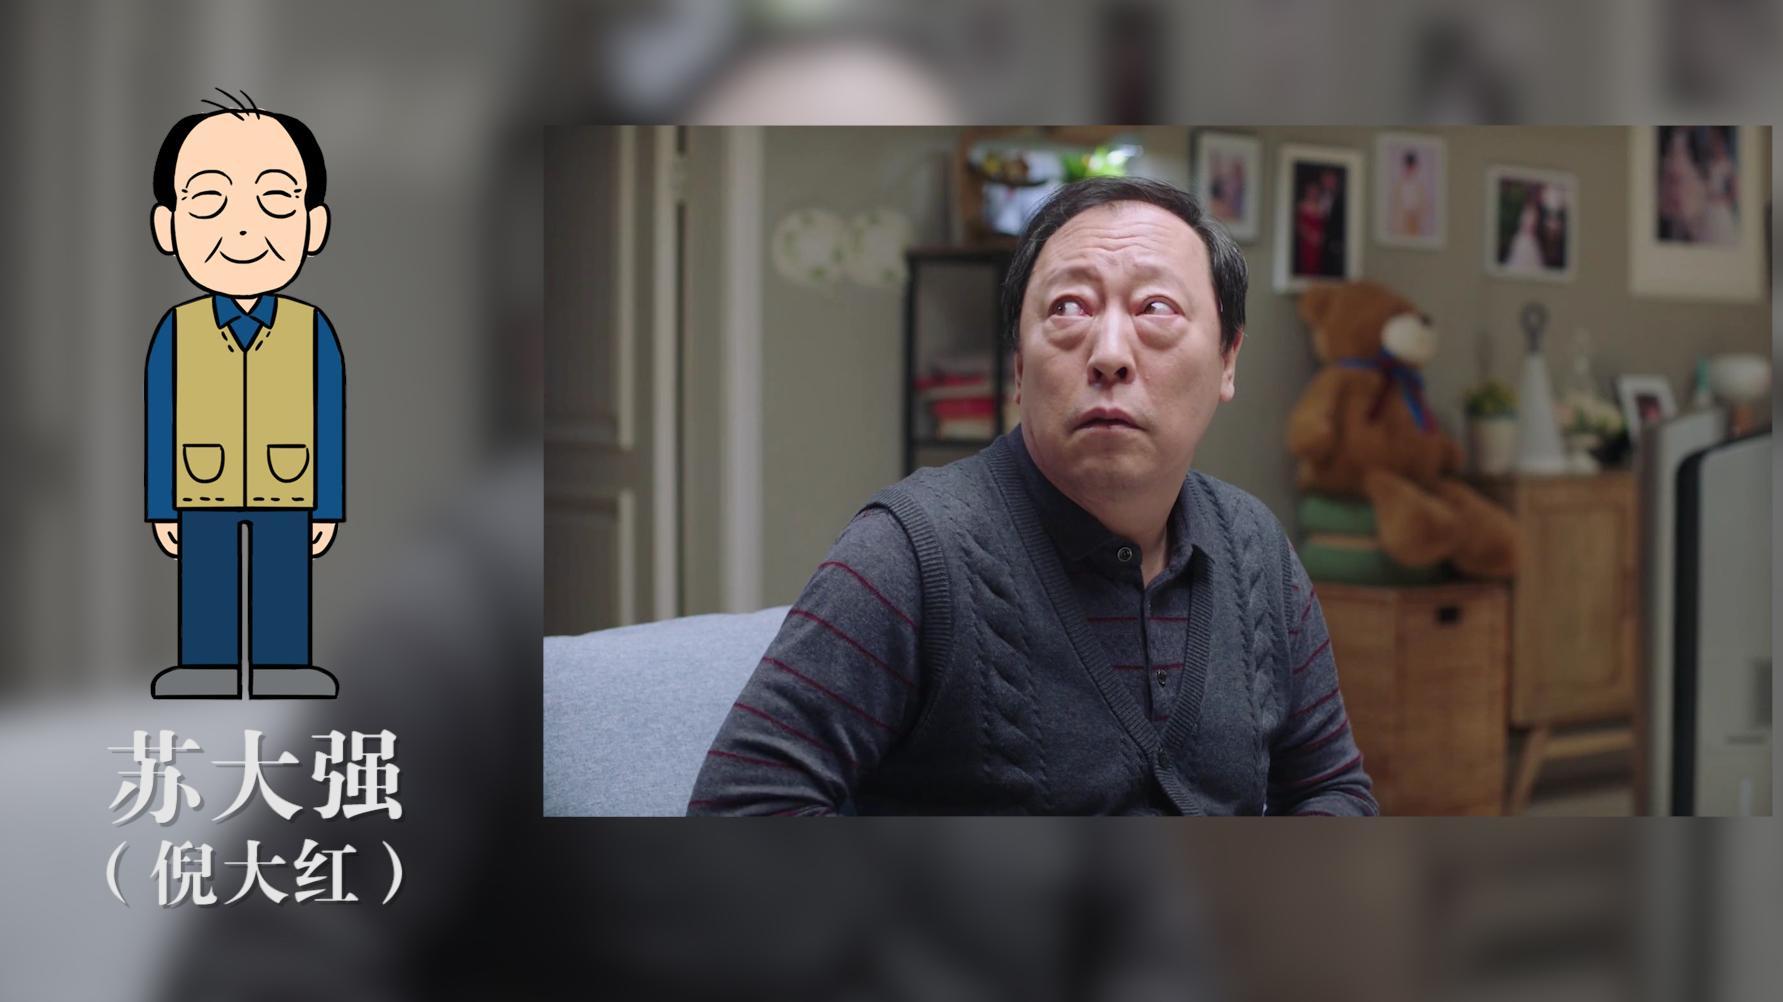 央视2019人物图鉴都有谁?2019央视人物图鉴最全讲解介绍